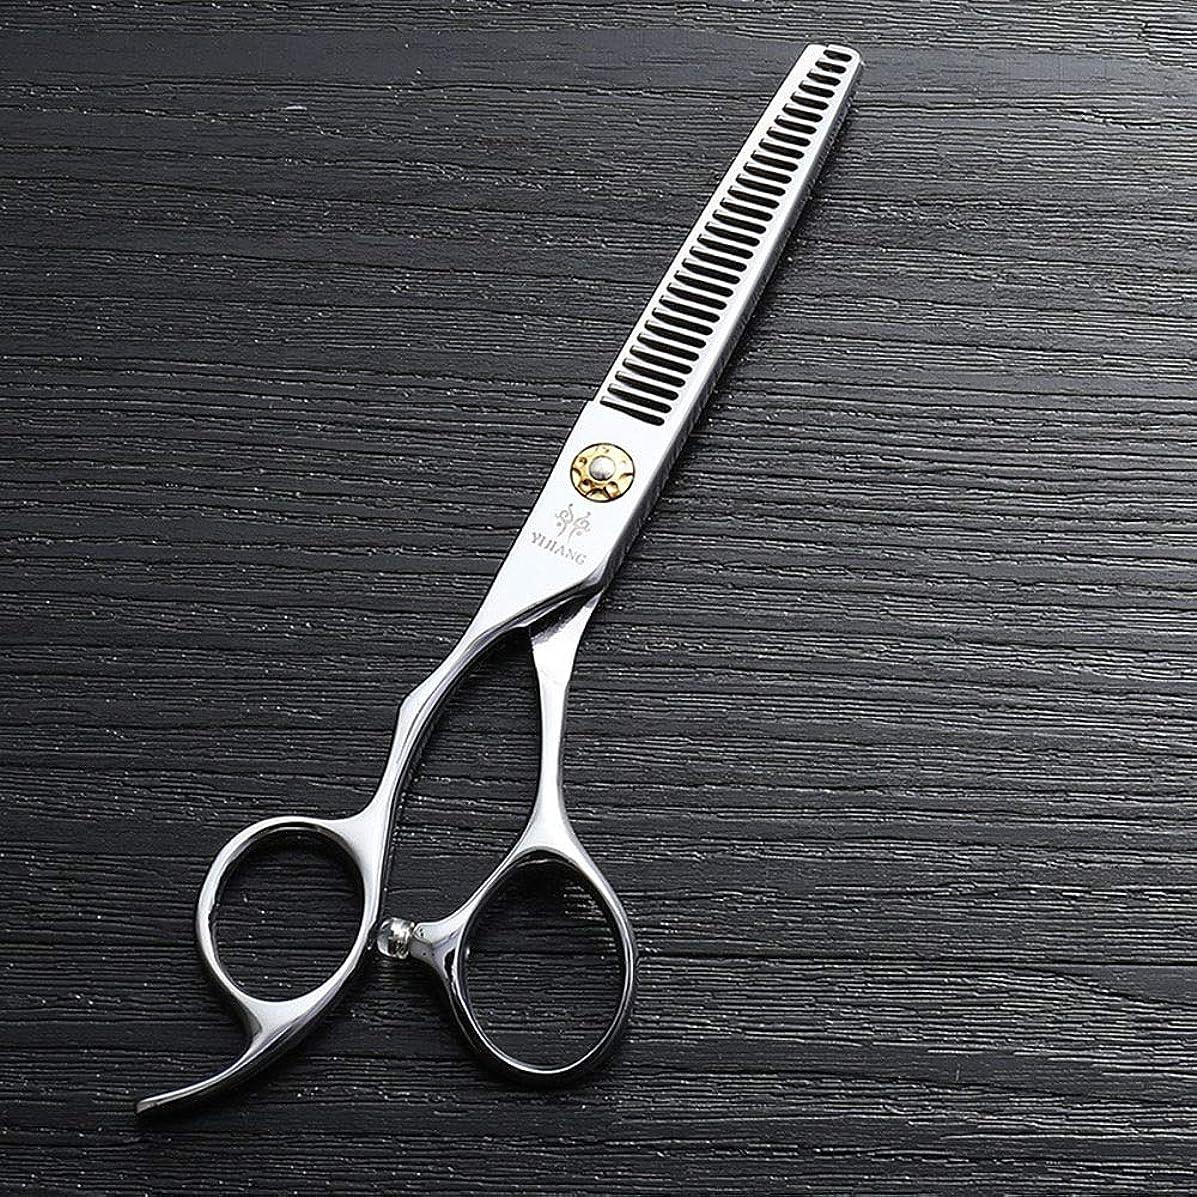 さびた爆弾共役6インチ美容院プロのヘアカットハイエンド左手歯はさみ、440 cステンレス鋼理髪ツール モデリングツール (色 : Silver)